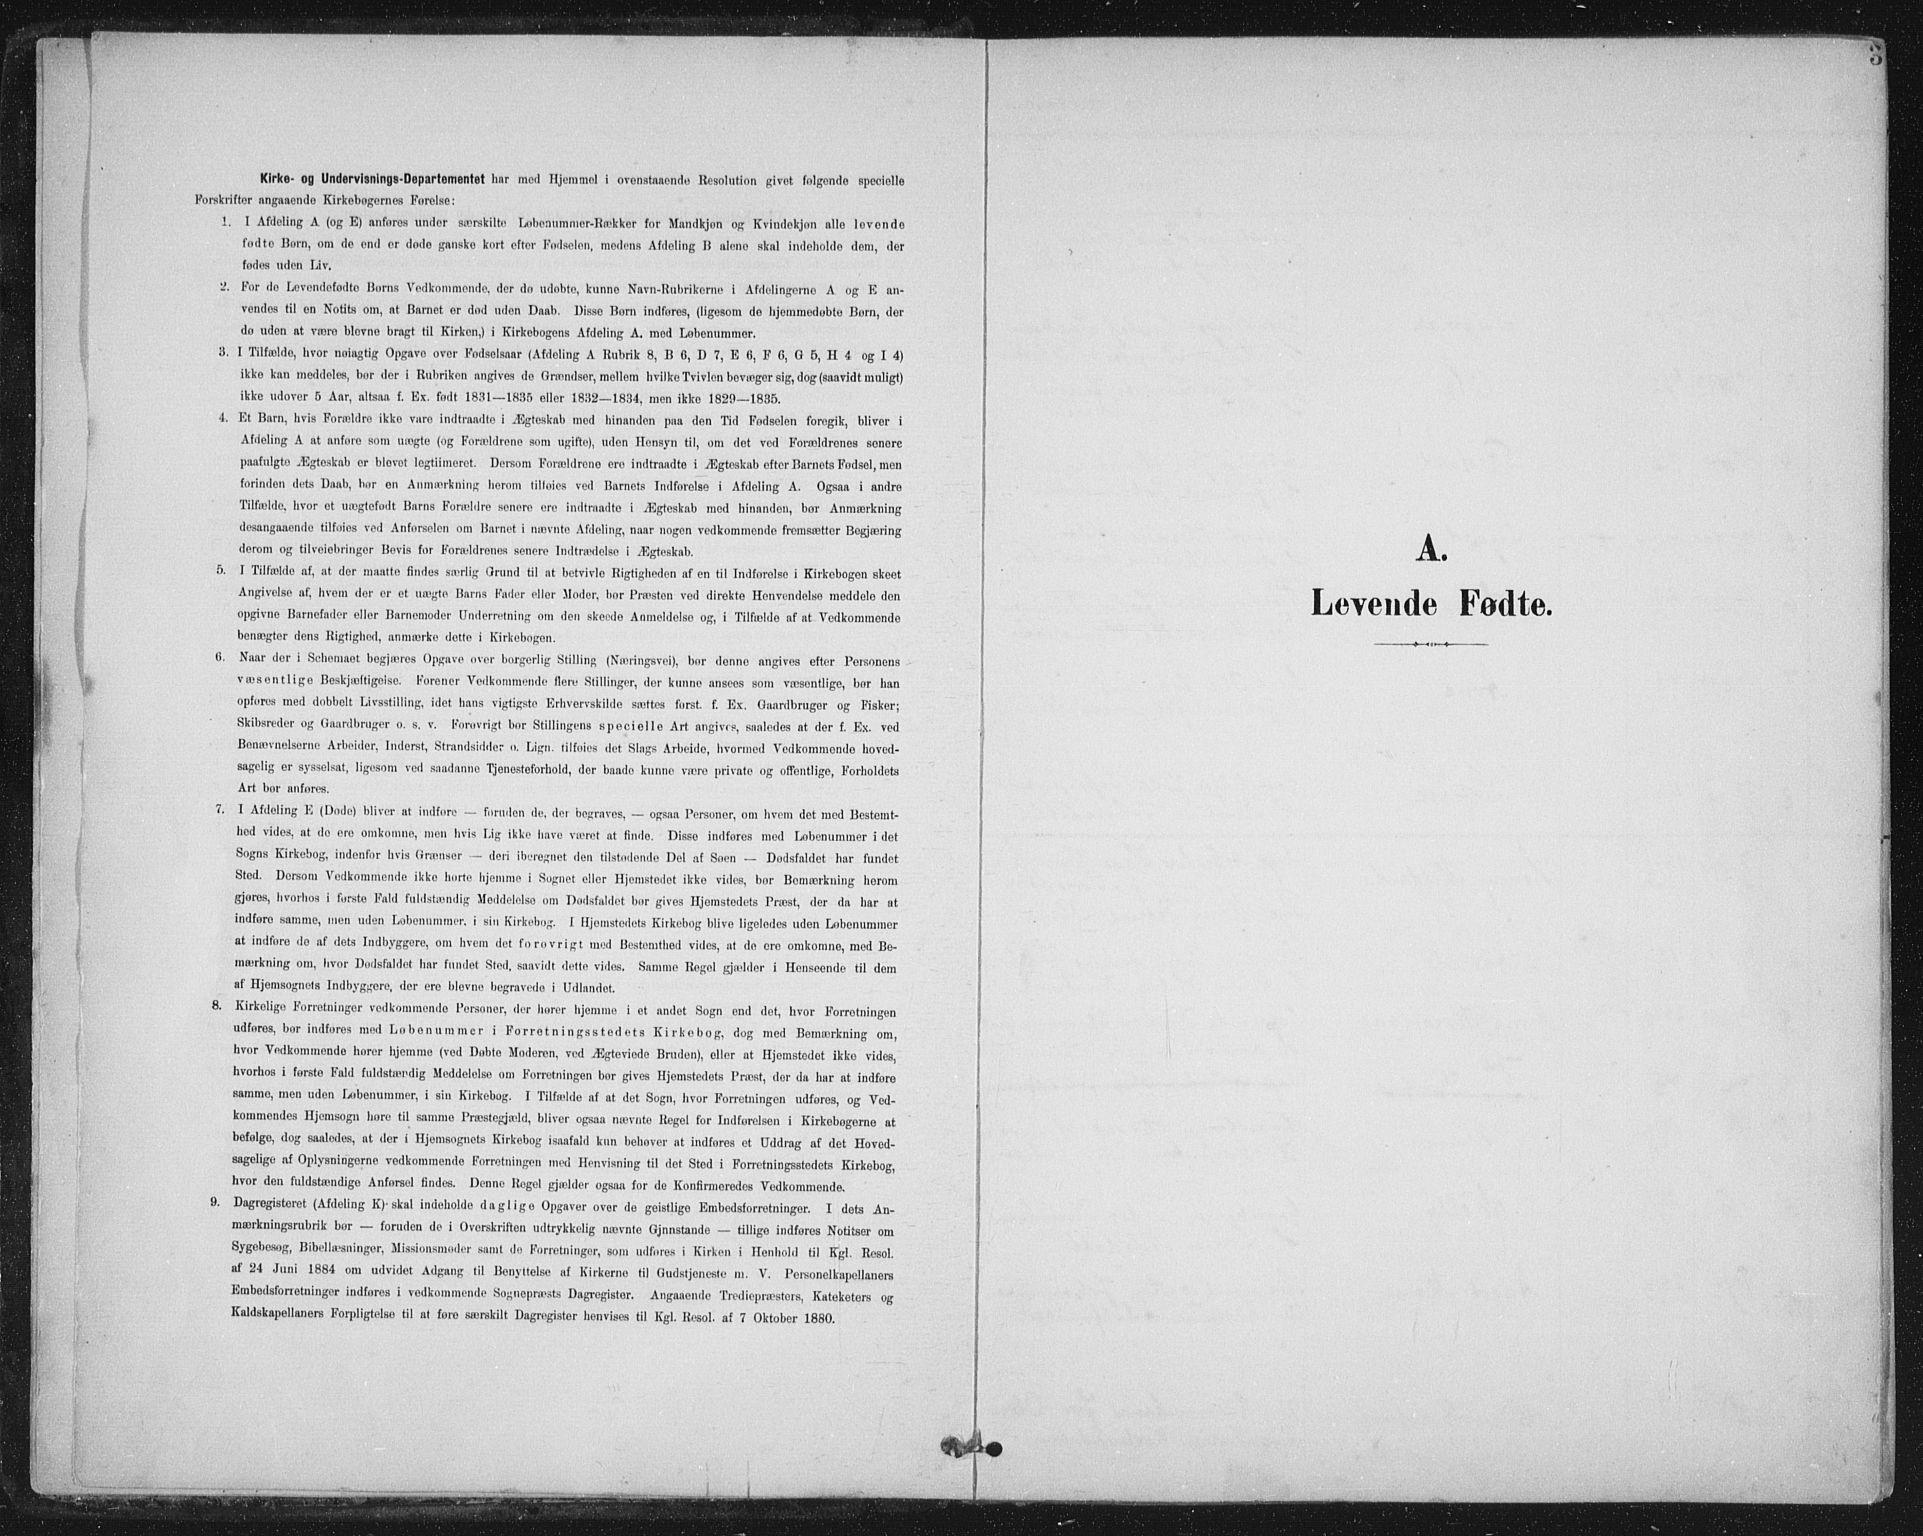 SAT, Ministerialprotokoller, klokkerbøker og fødselsregistre - Nord-Trøndelag, 723/L0246: Ministerialbok nr. 723A15, 1900-1917, s. 3